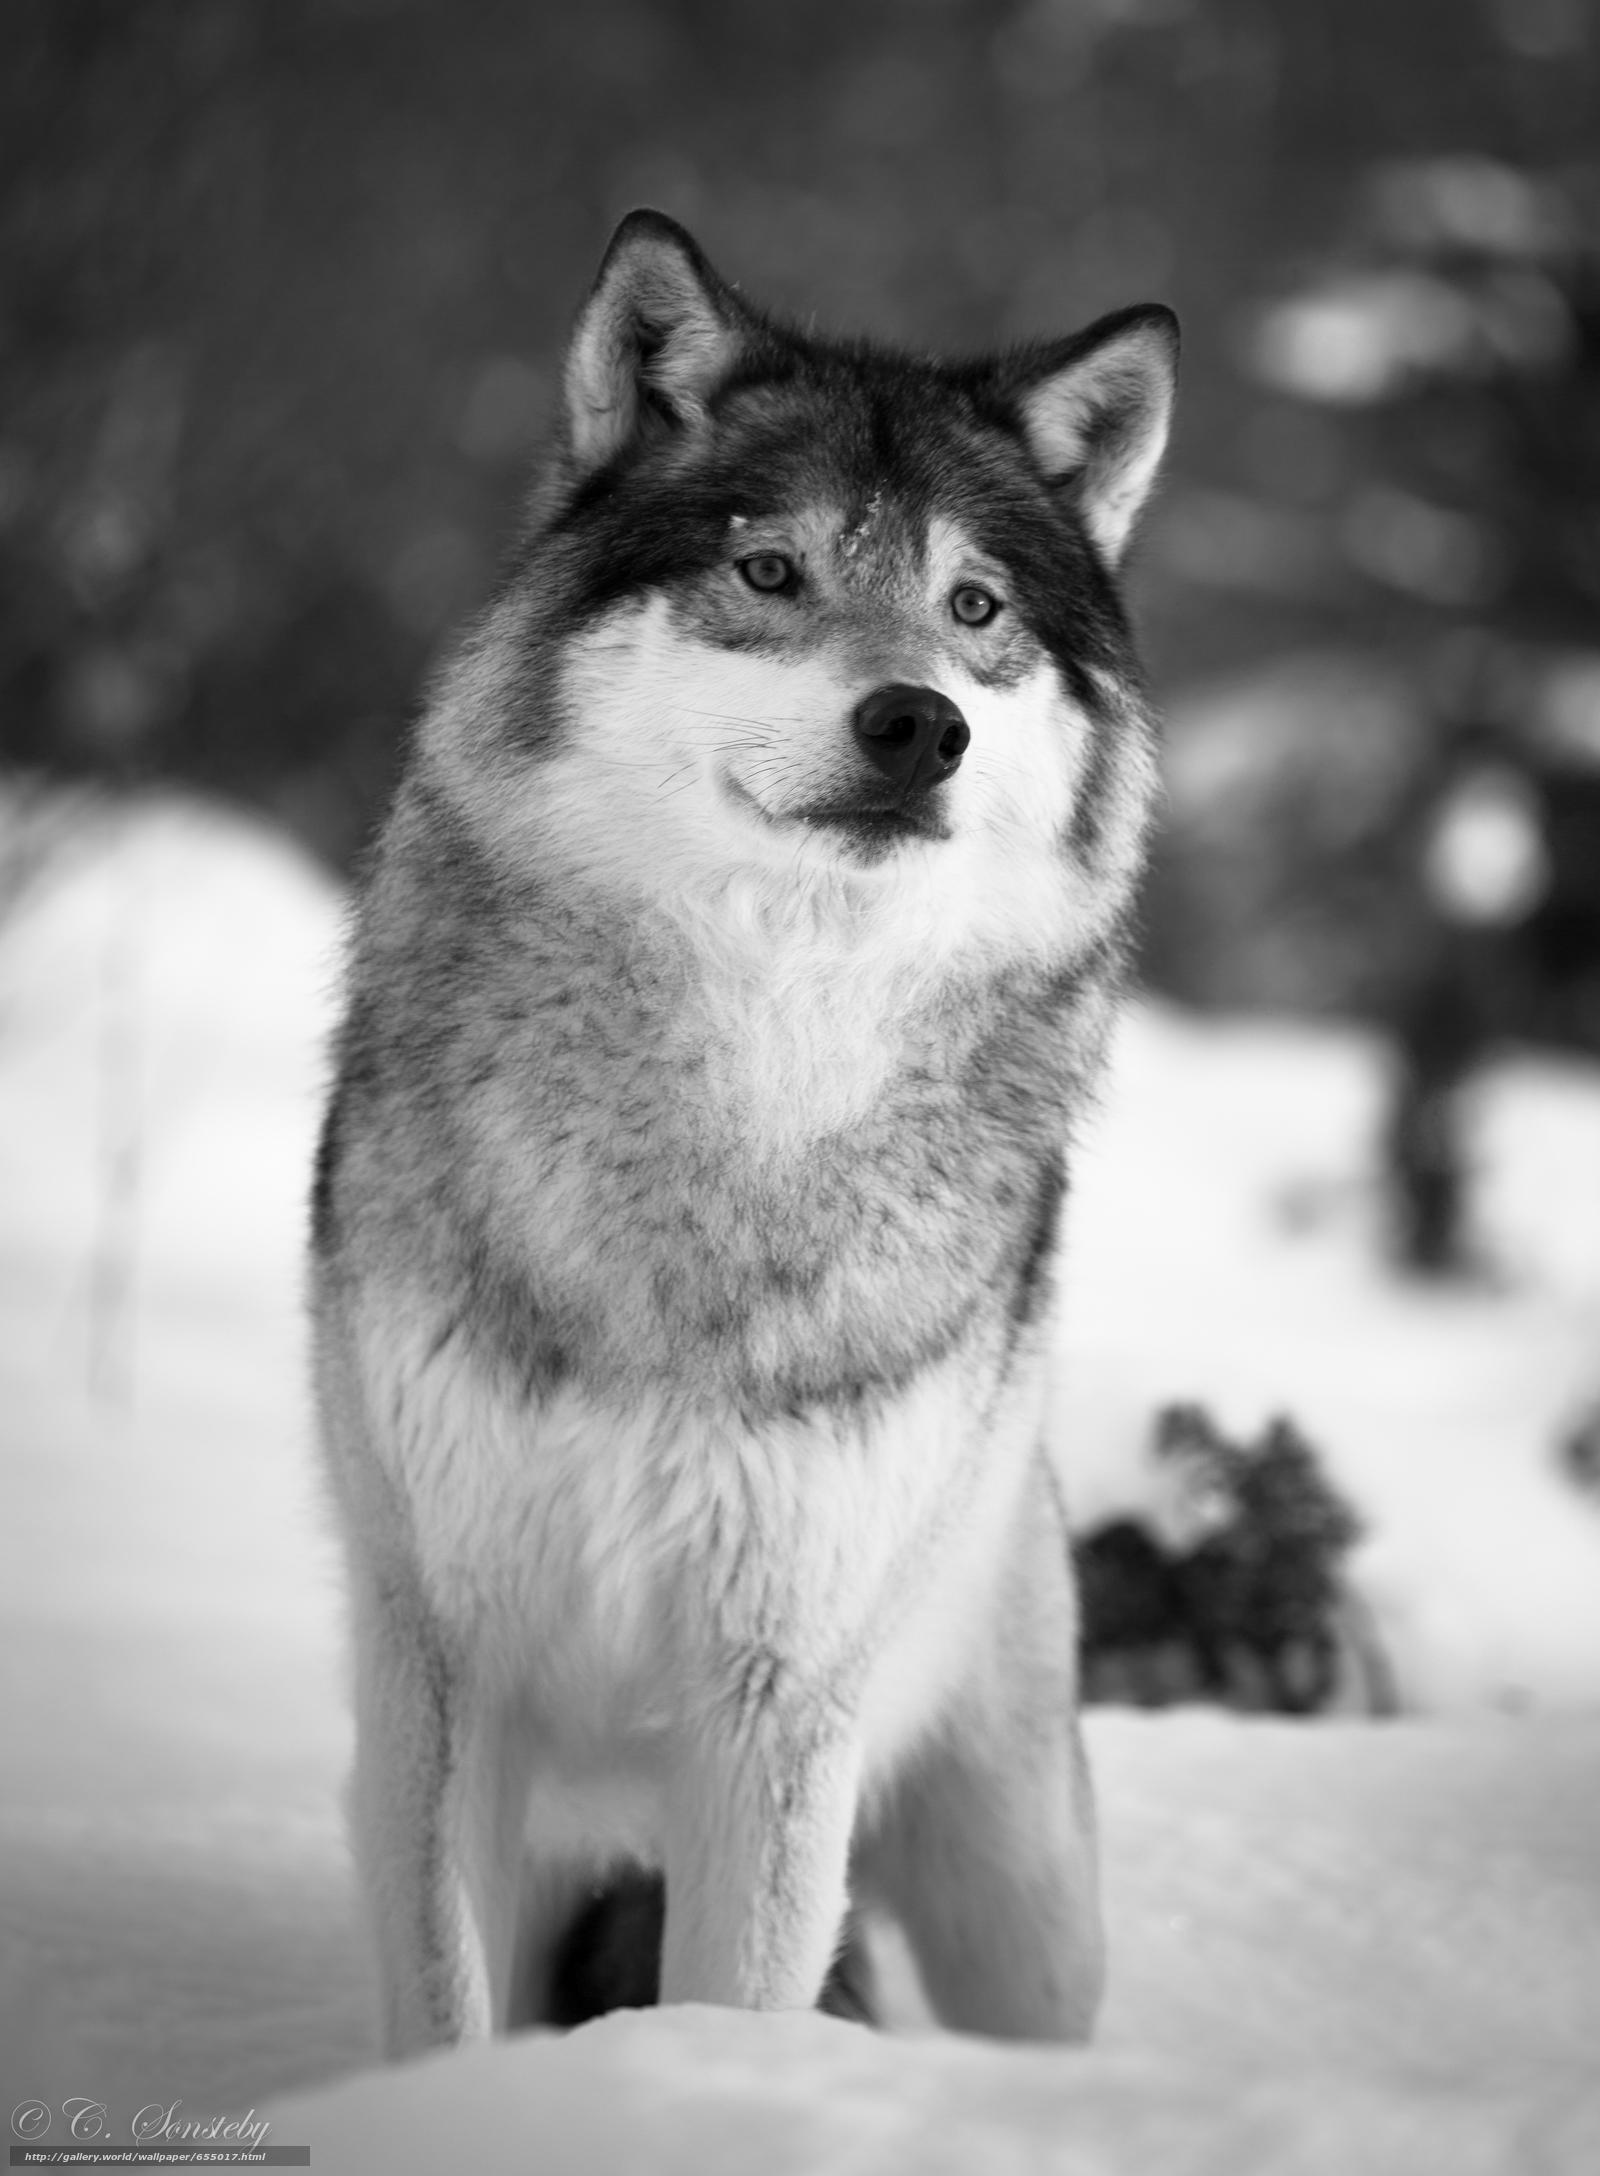 Tlcharger Fond d'ecran loup,  Wolves,  animaux,  hiver Fonds d'ecran gratuits pour votre rsolution du bureau 3600x4895 — image №655017